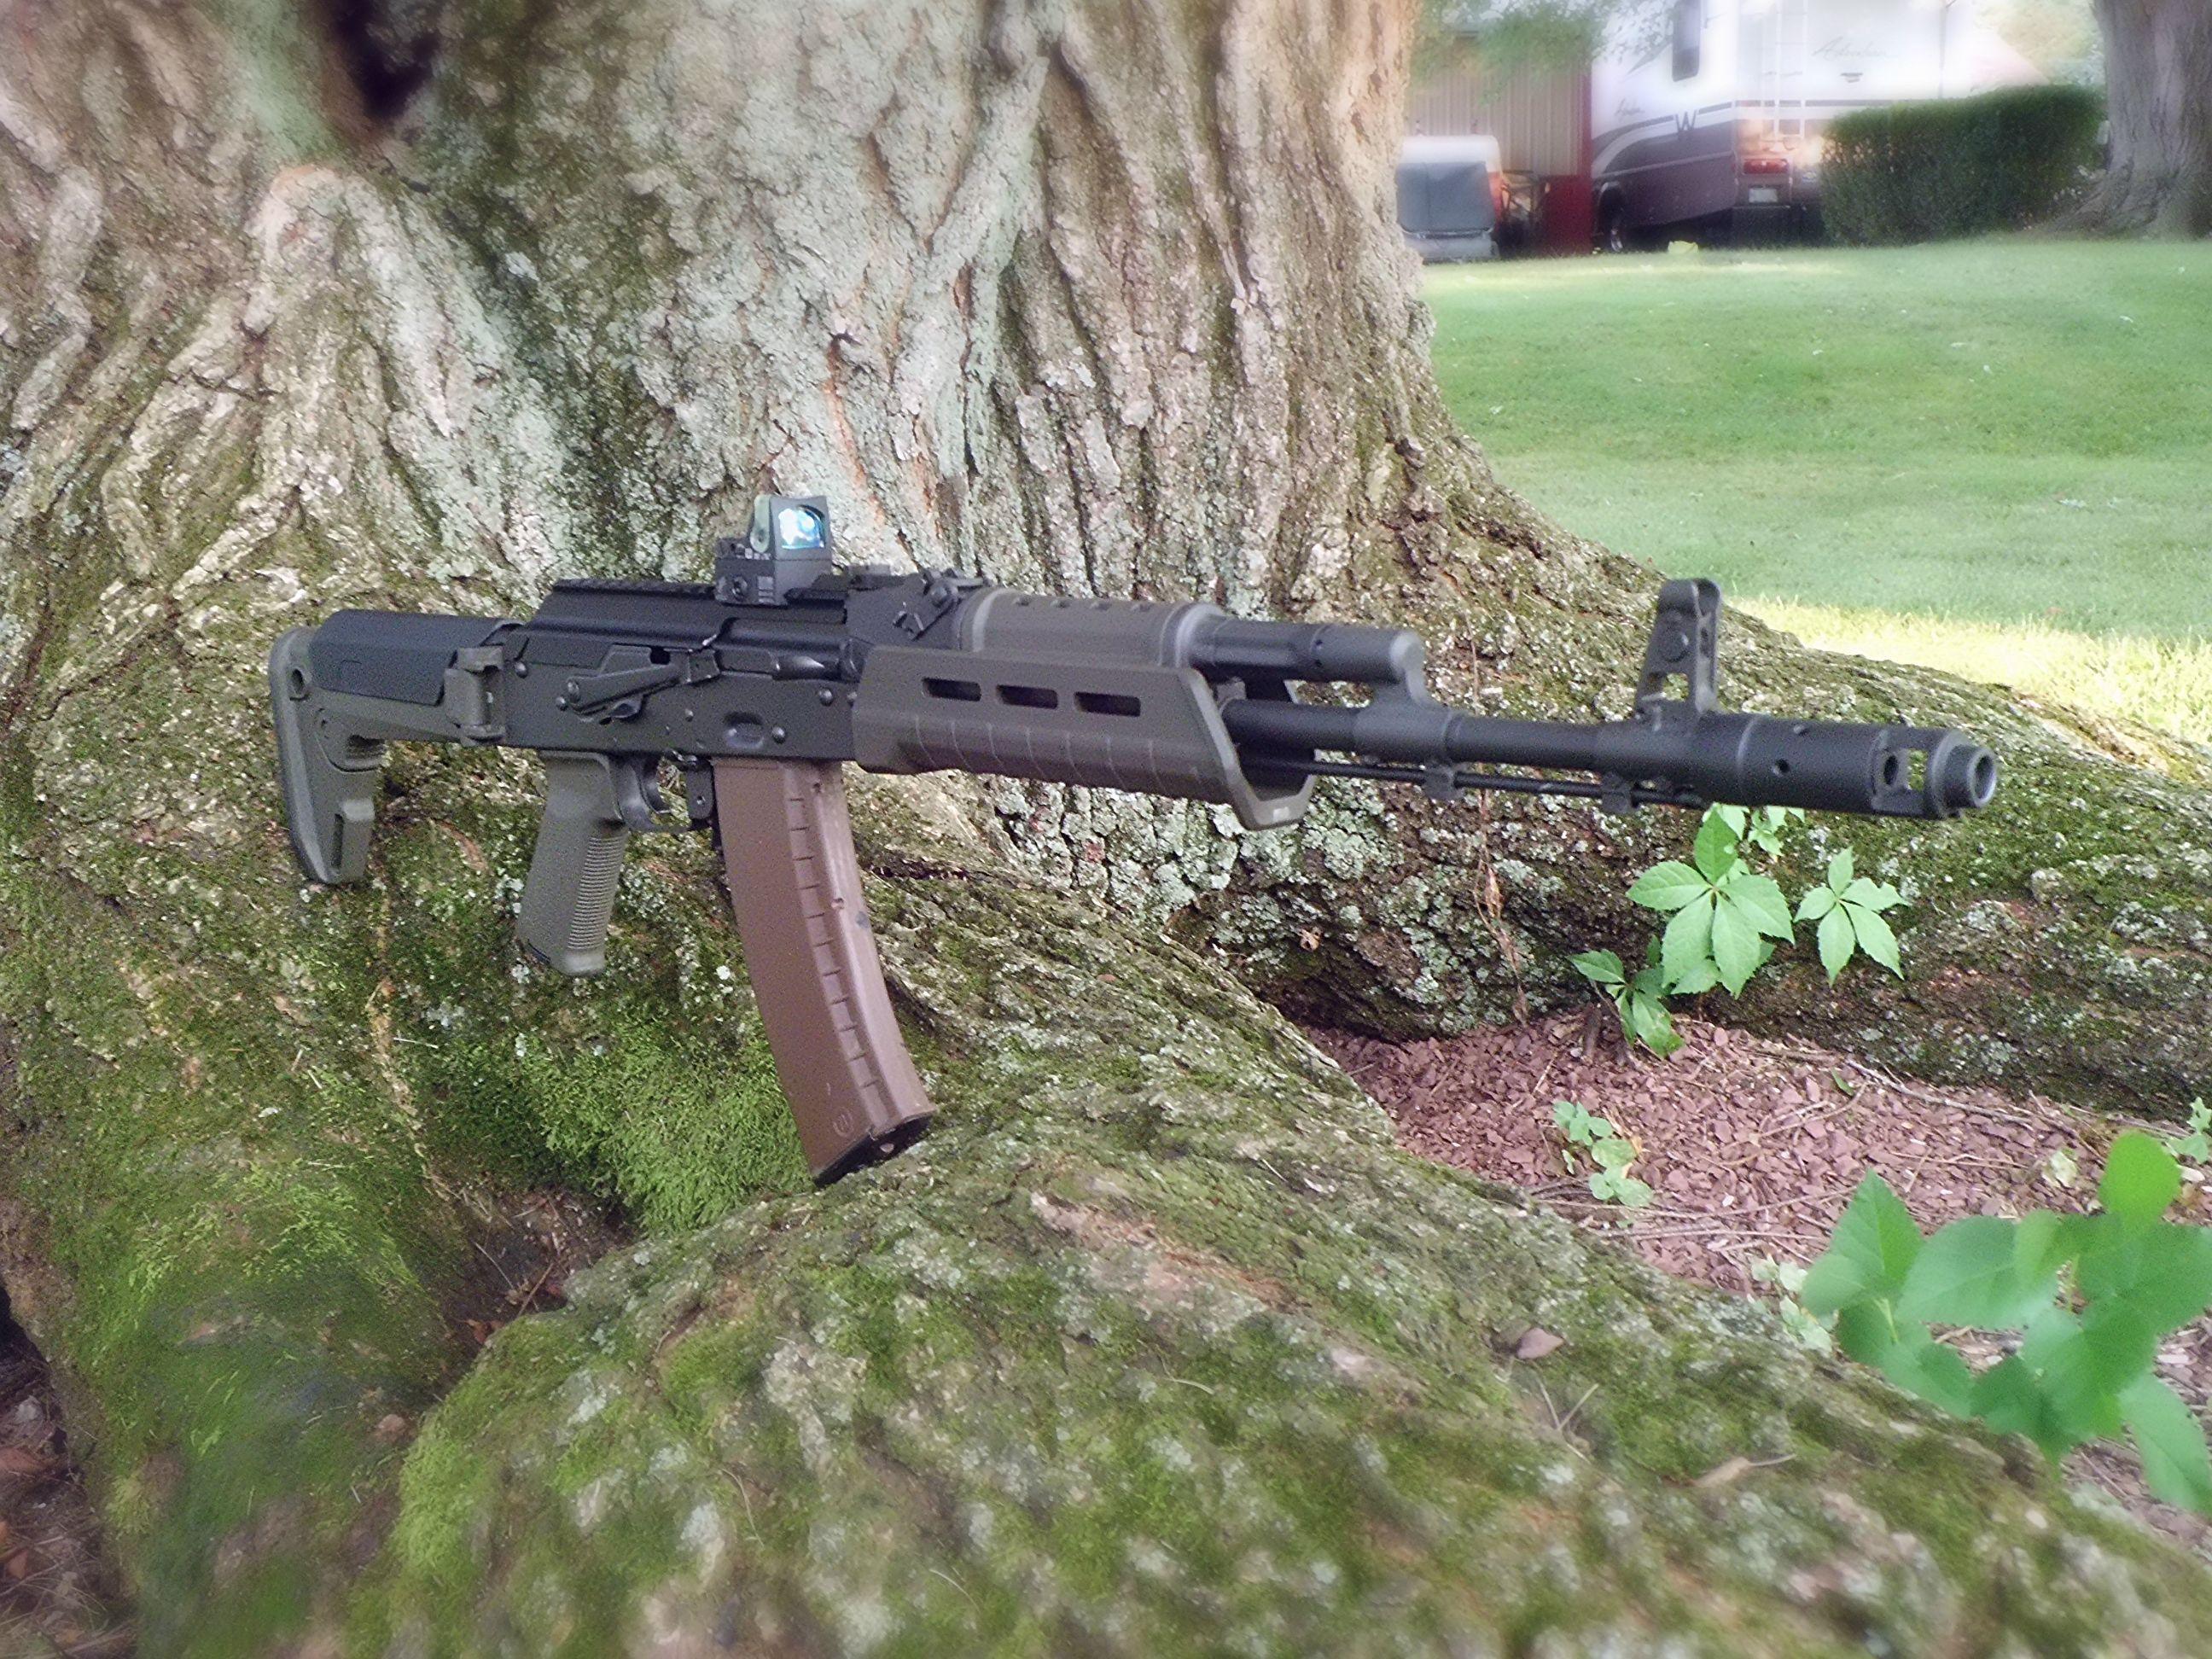 AK 74 in Magpul OD furniture